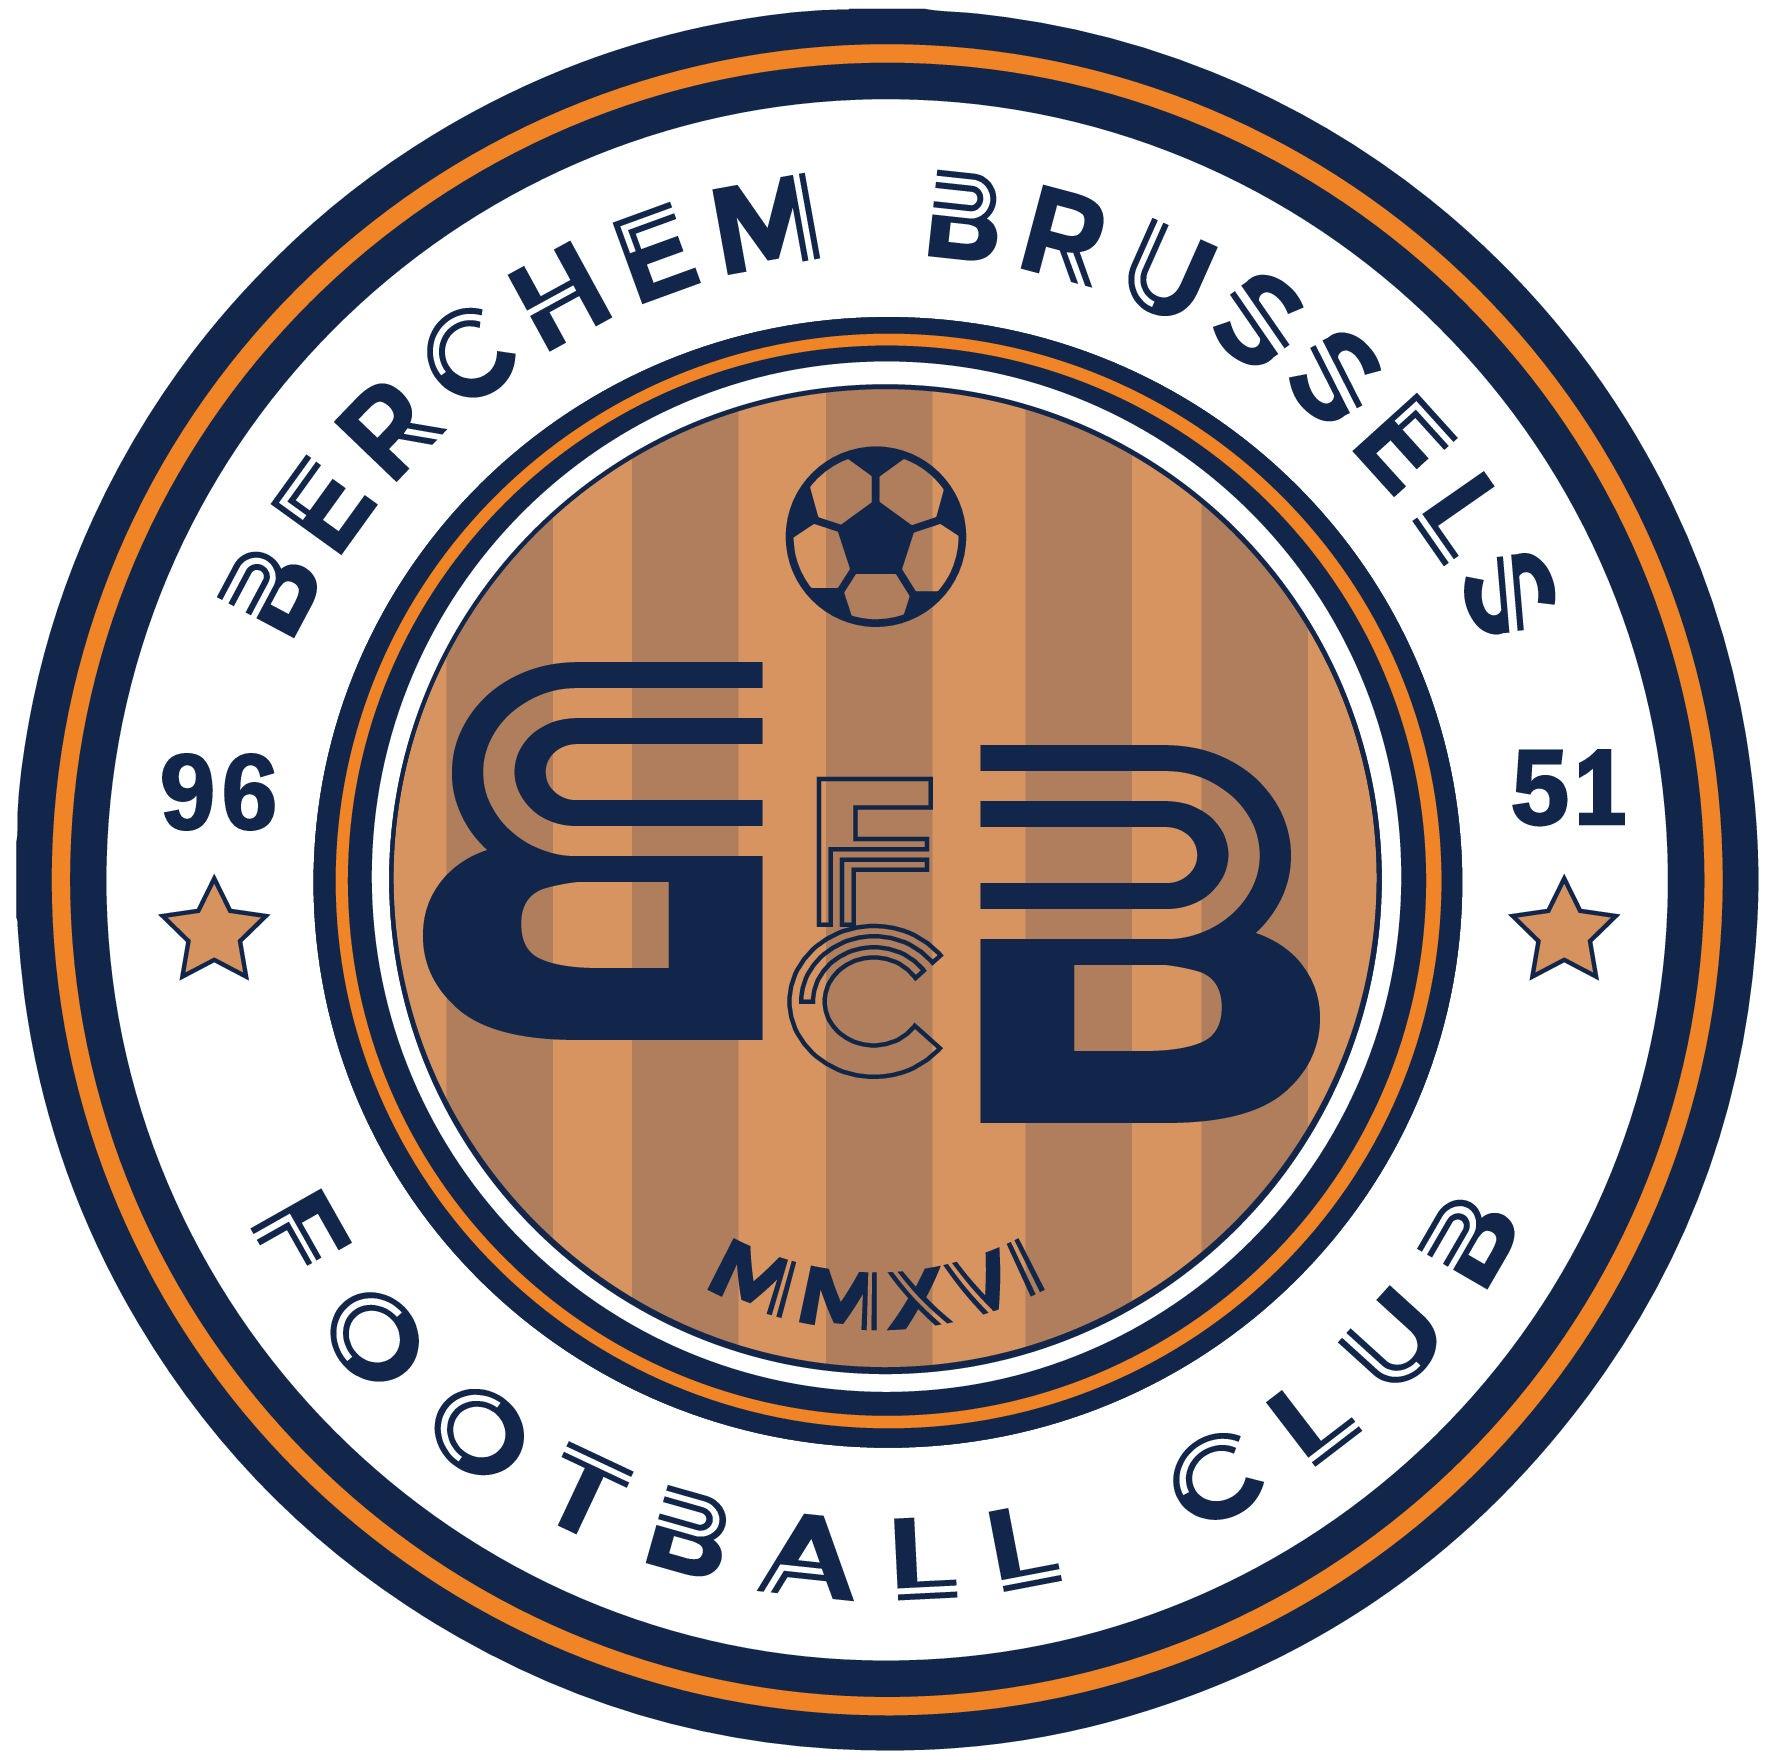 6 - Brussels Sport AFCA B